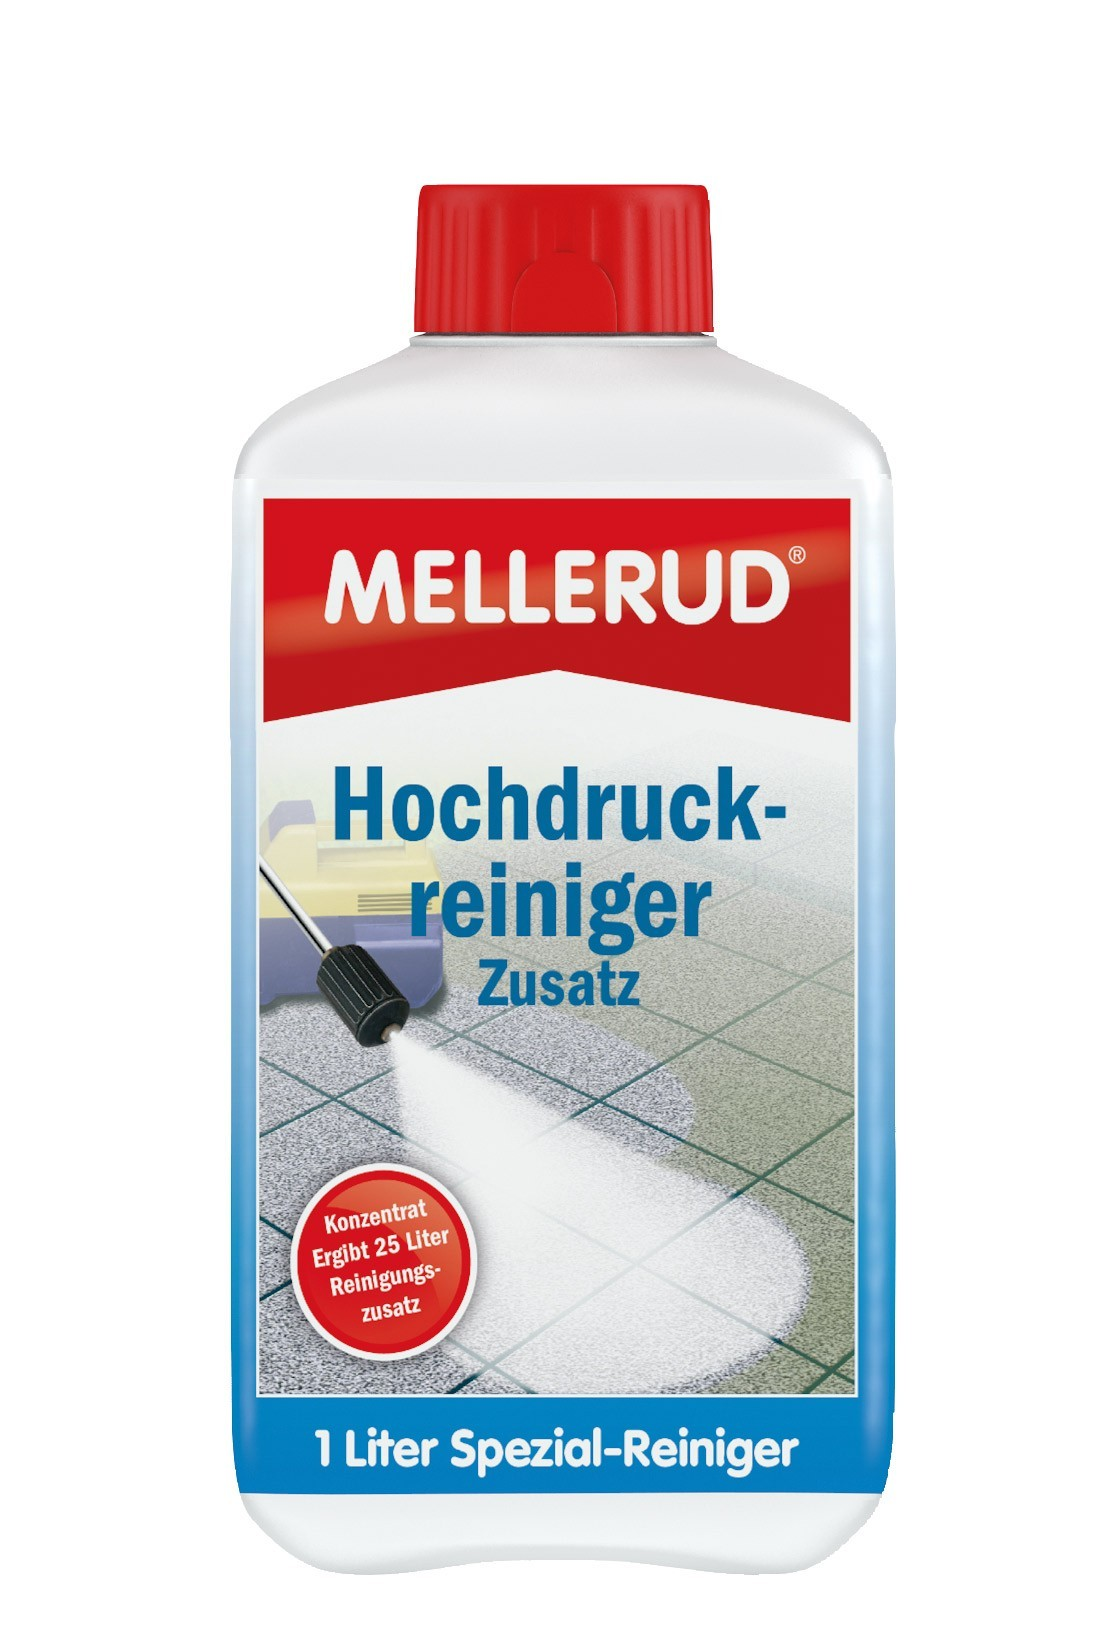 MELLERUD Hochdruckreiniger Zusatz Konzentrat 1,0 Liter Bild 1